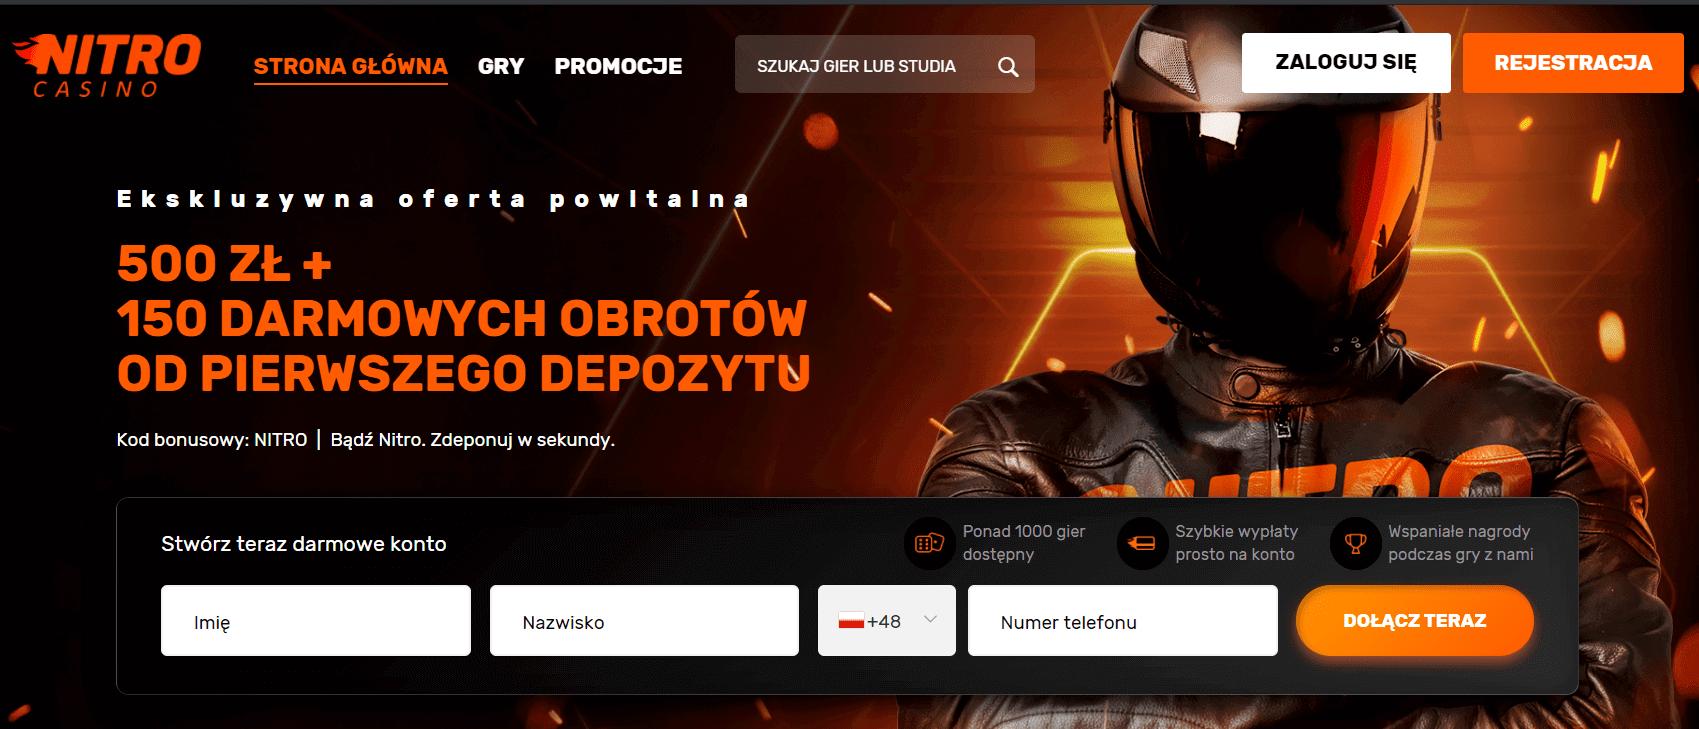 nitro casino kod bonusowy powitalny screenshot